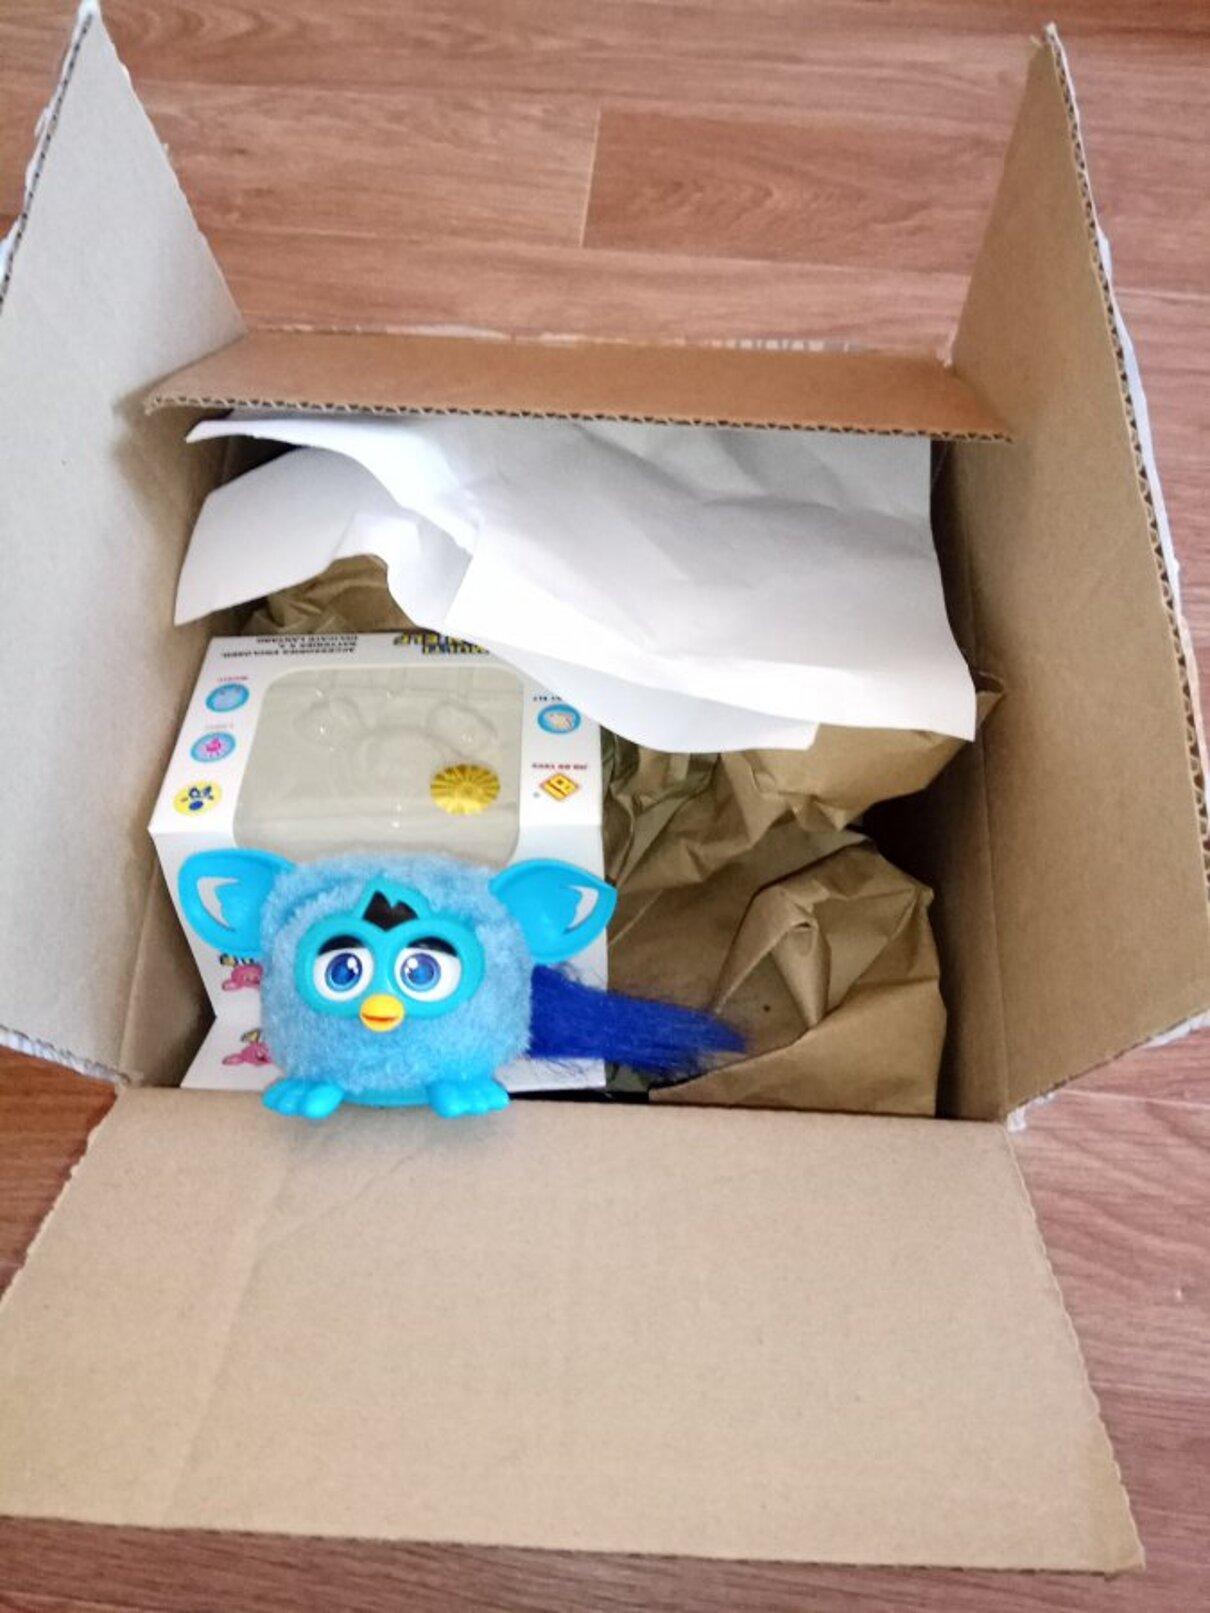 Жалоба-отзыв: ООО Гарант - Заказала дорогую игрушку а пришла даже не подделка.  Фото №2